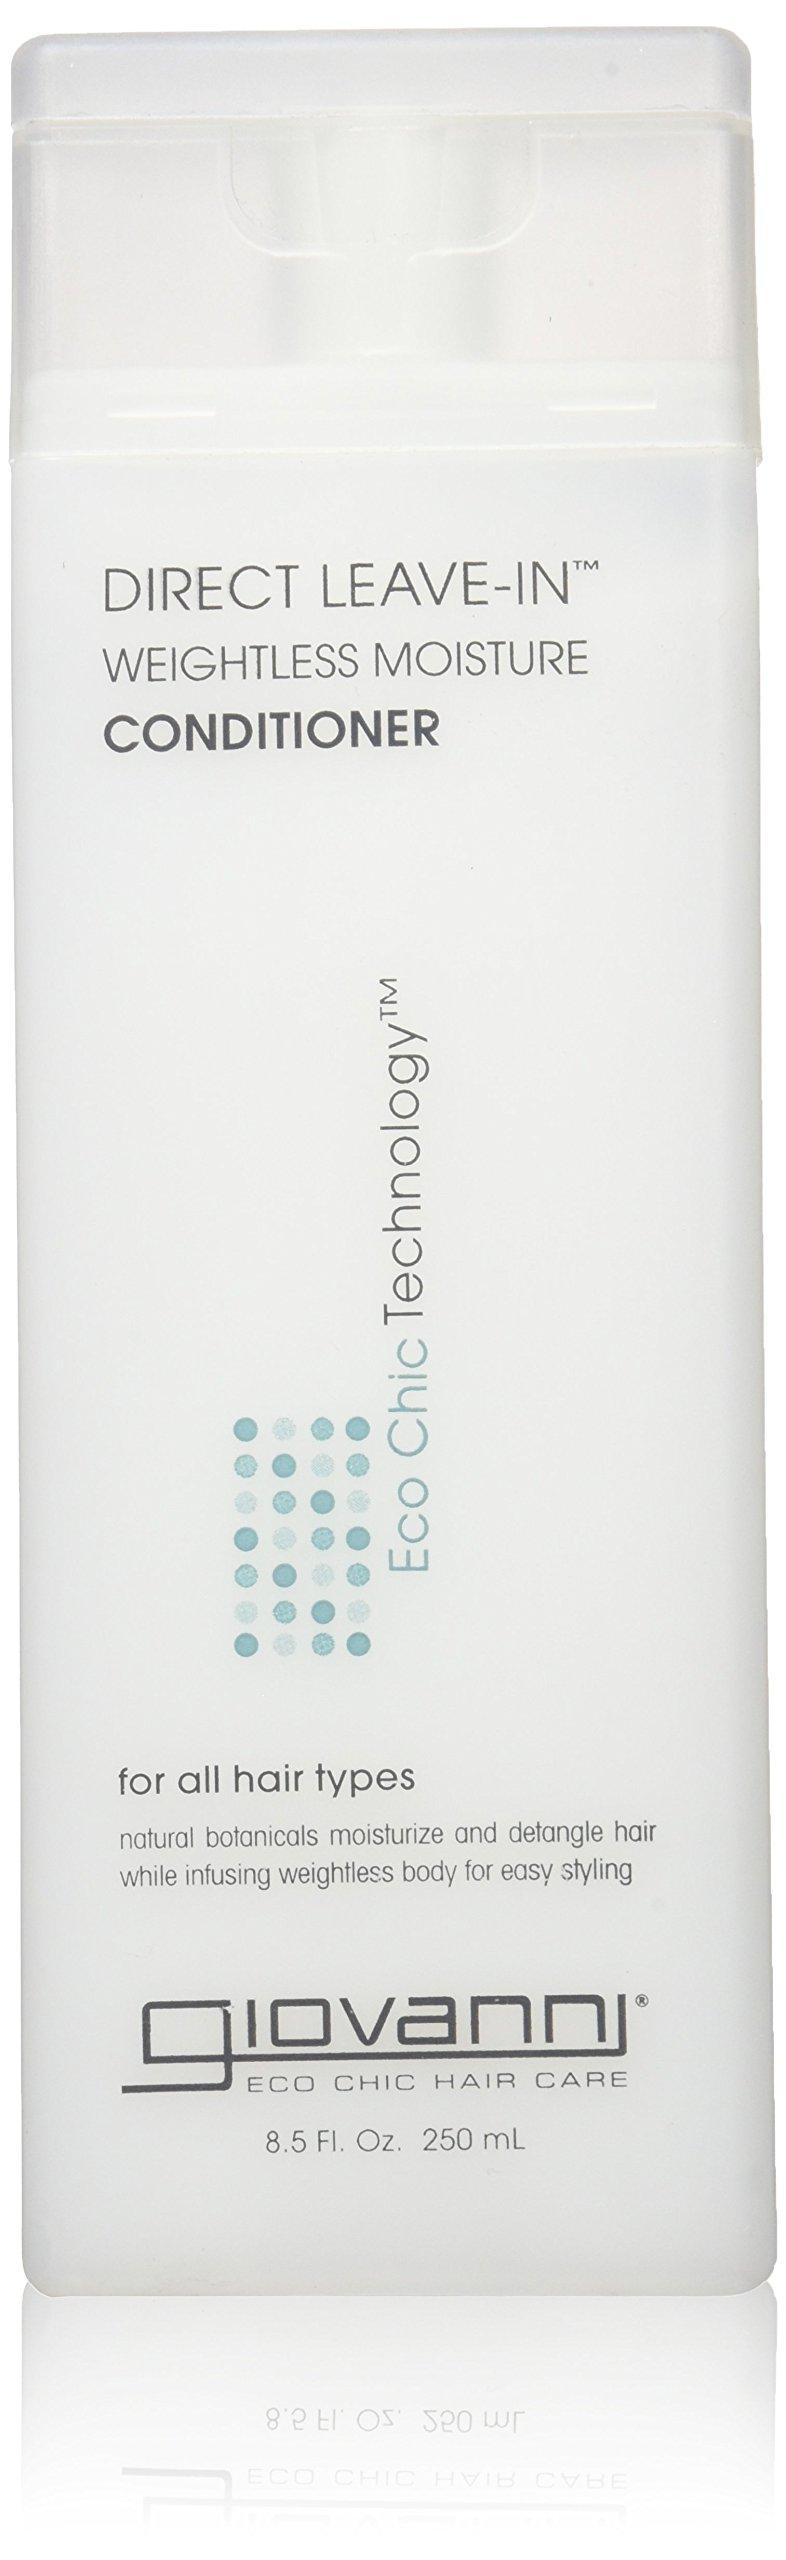 Giovanni Direct Leave In Treatment Conditioner, 8.5 oz